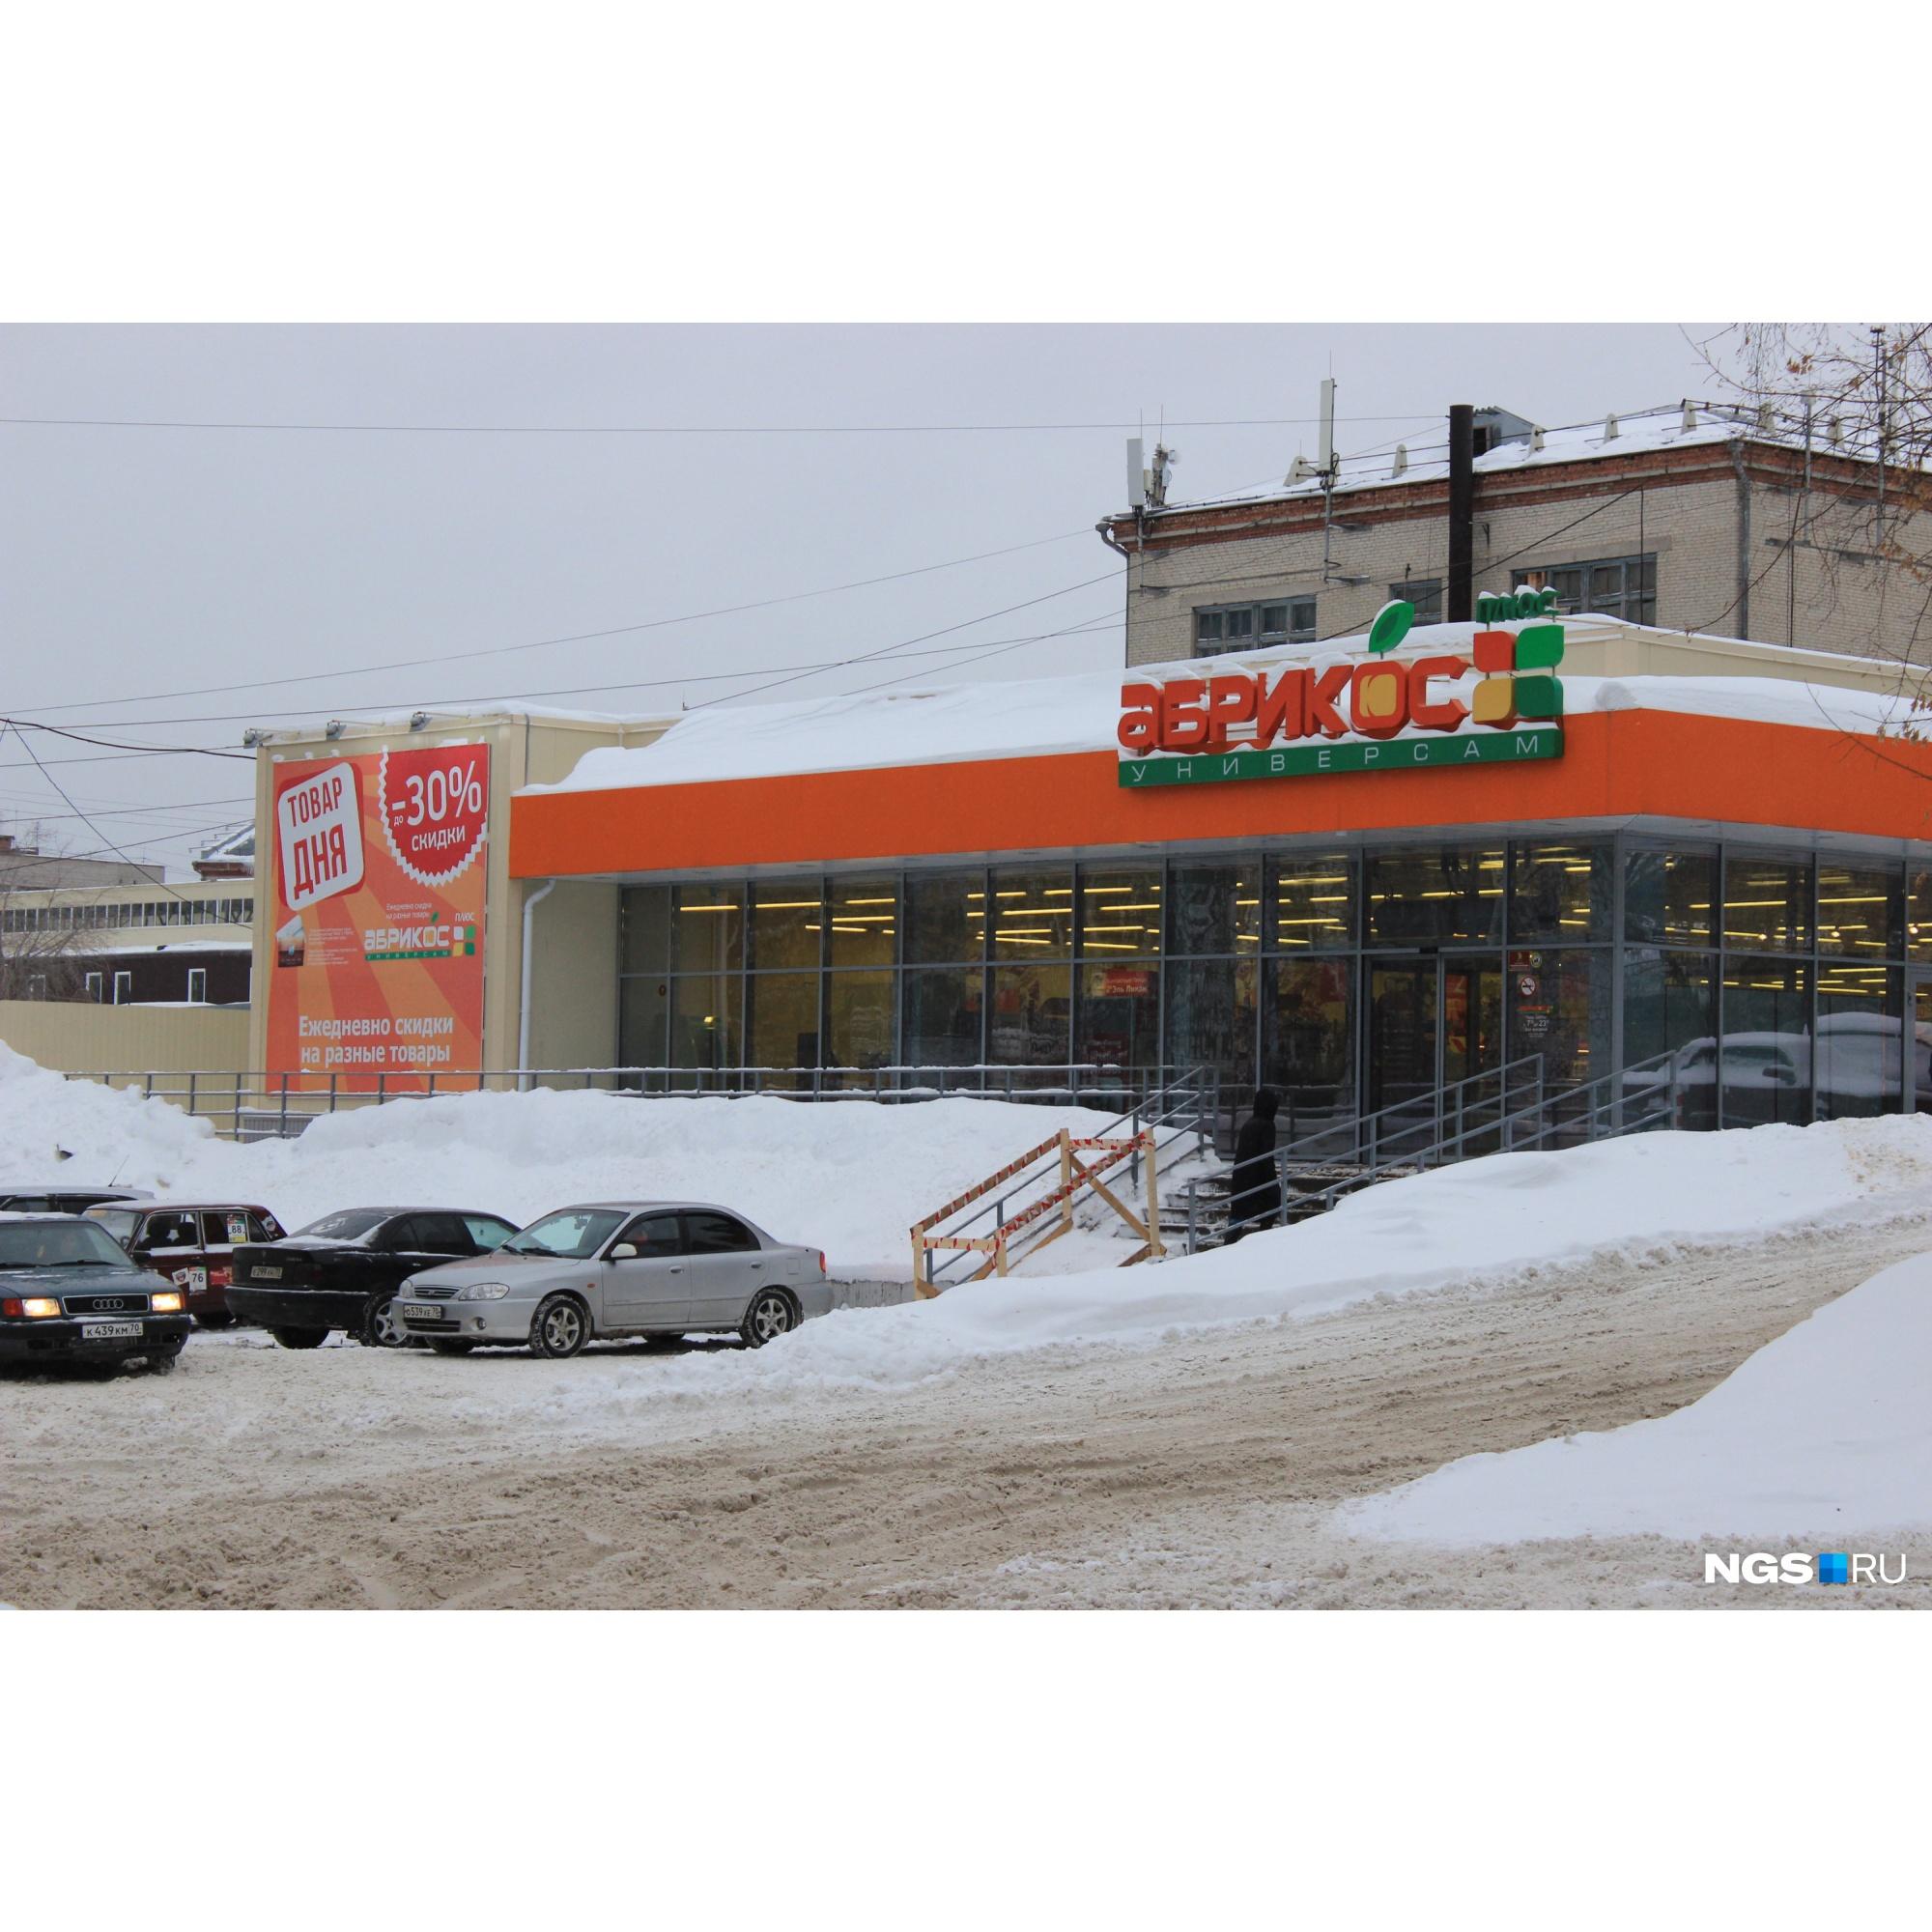 Владельцам будущего магазина в Новосибирске принадлежит в Томске более 50 универсамов «Абрикос»